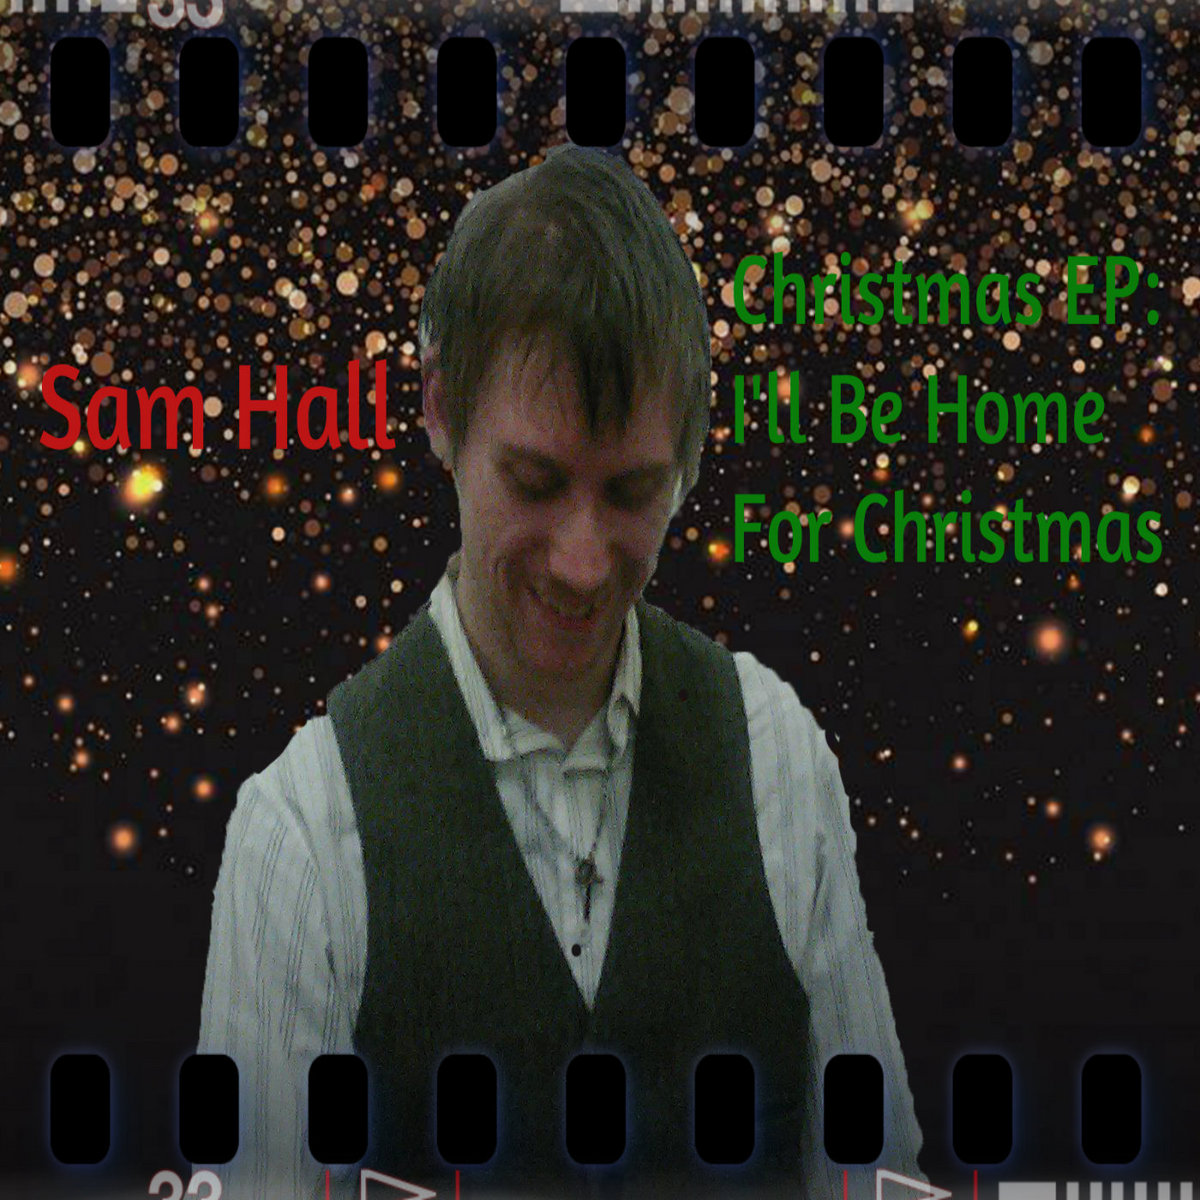 Christmas EP: I\'ll be home for Christmas | Sam Hall